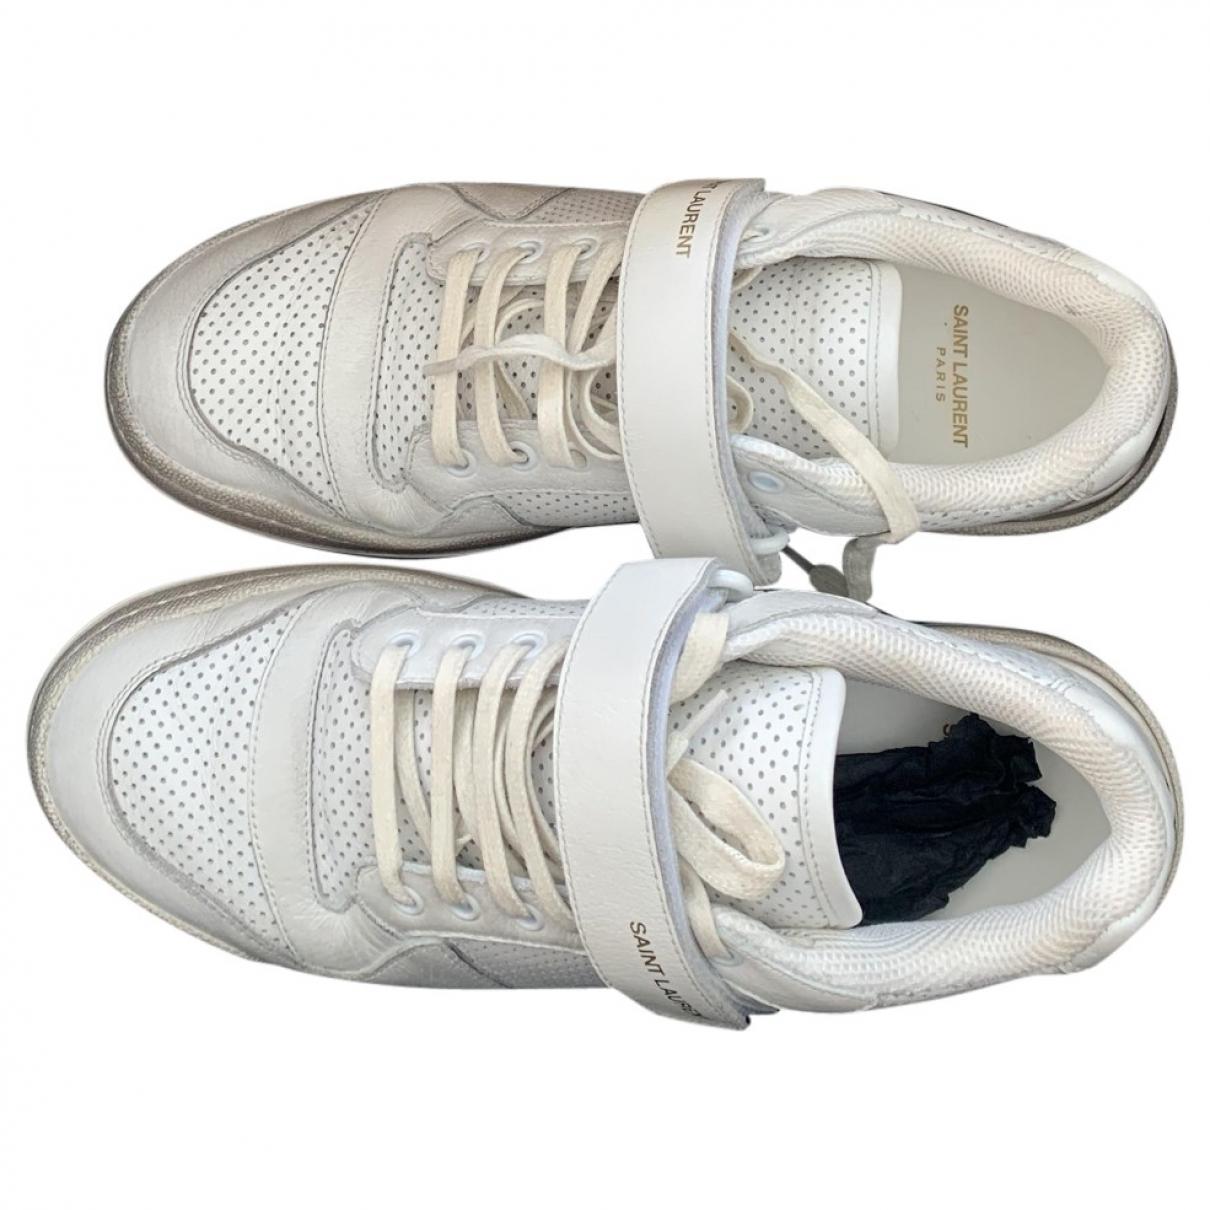 Saint Laurent - Baskets   pour homme en cuir - blanc